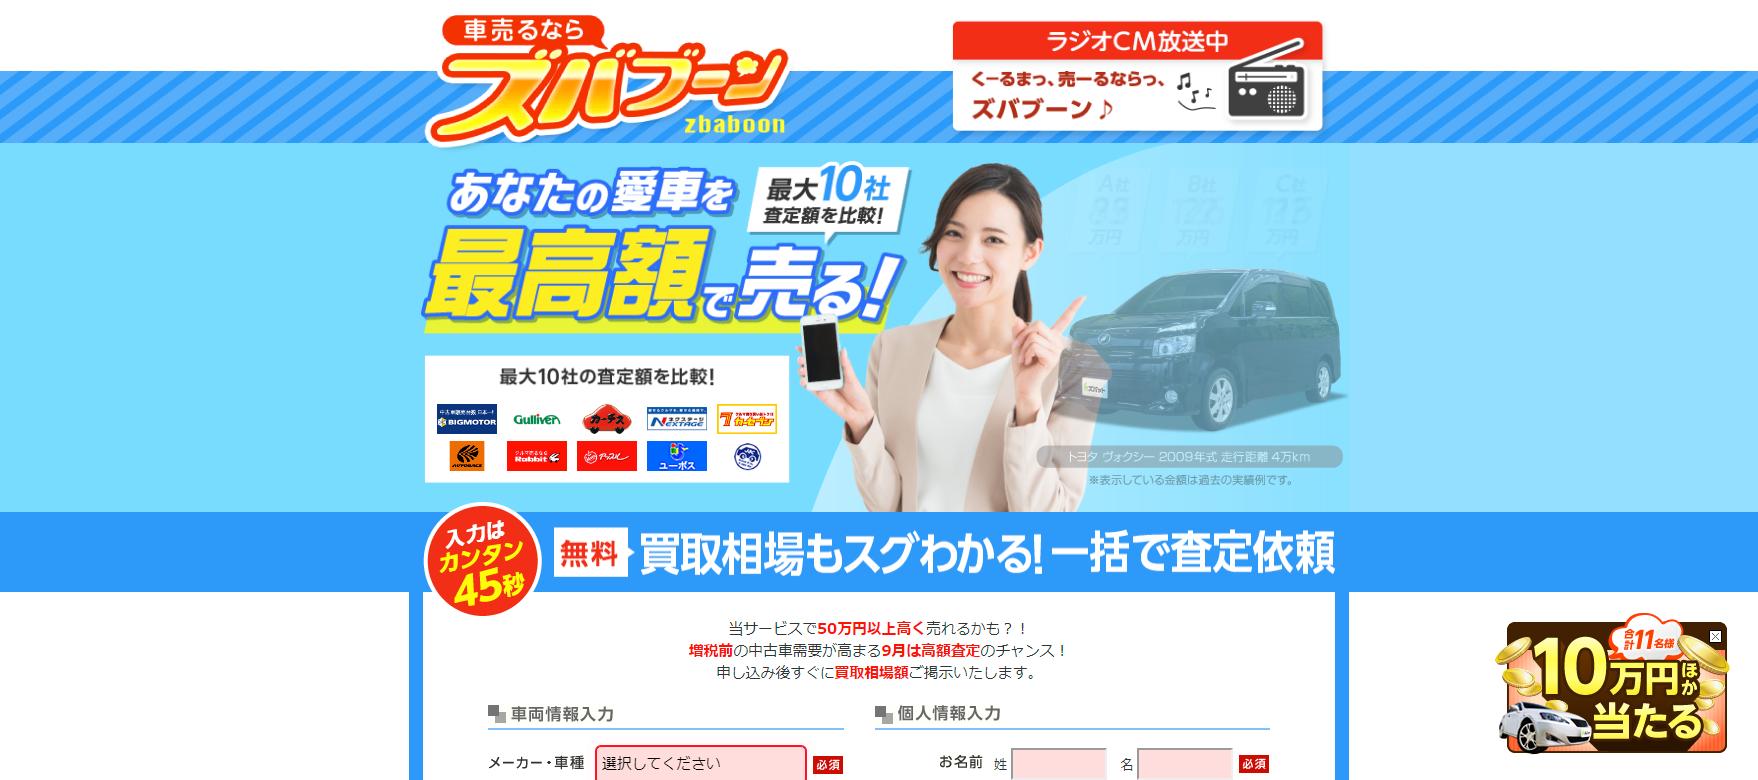 【公式】車買取・車査定ならズバブーン|ラジオCM放送中!